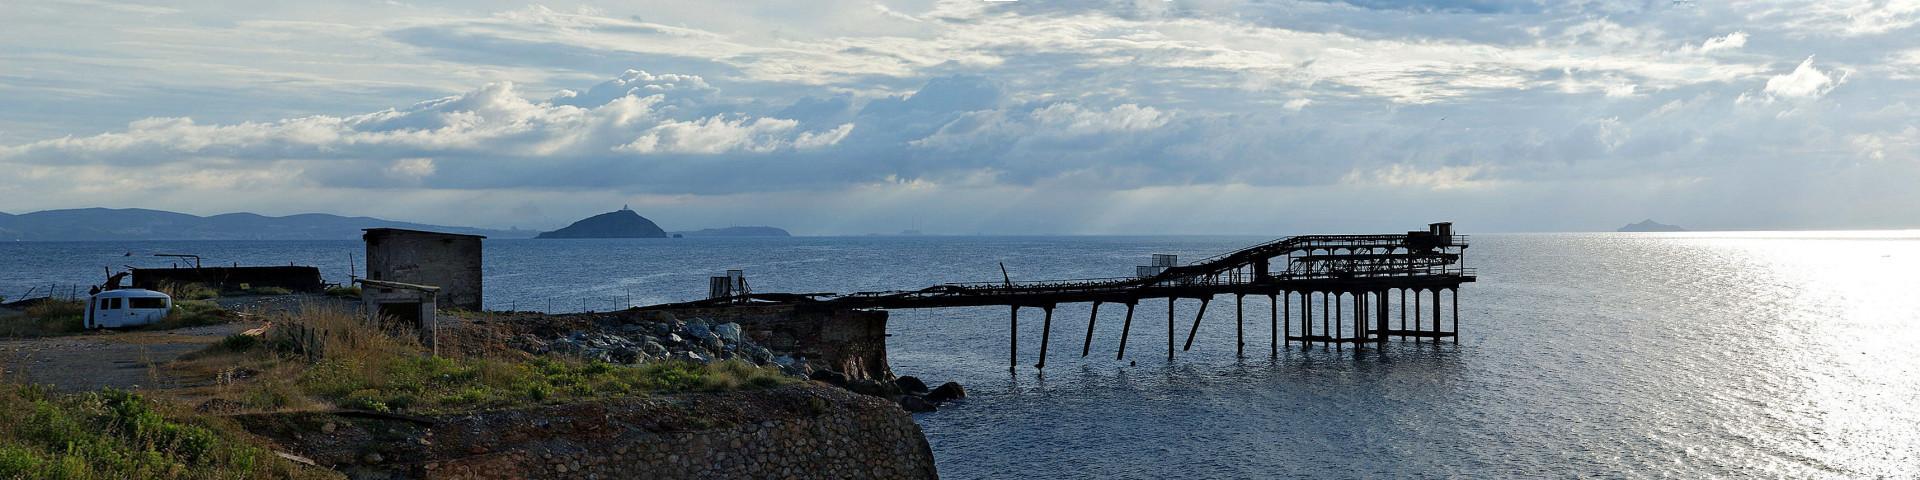 Rio Marina, industriální památky na dávnou těžbu minerálů